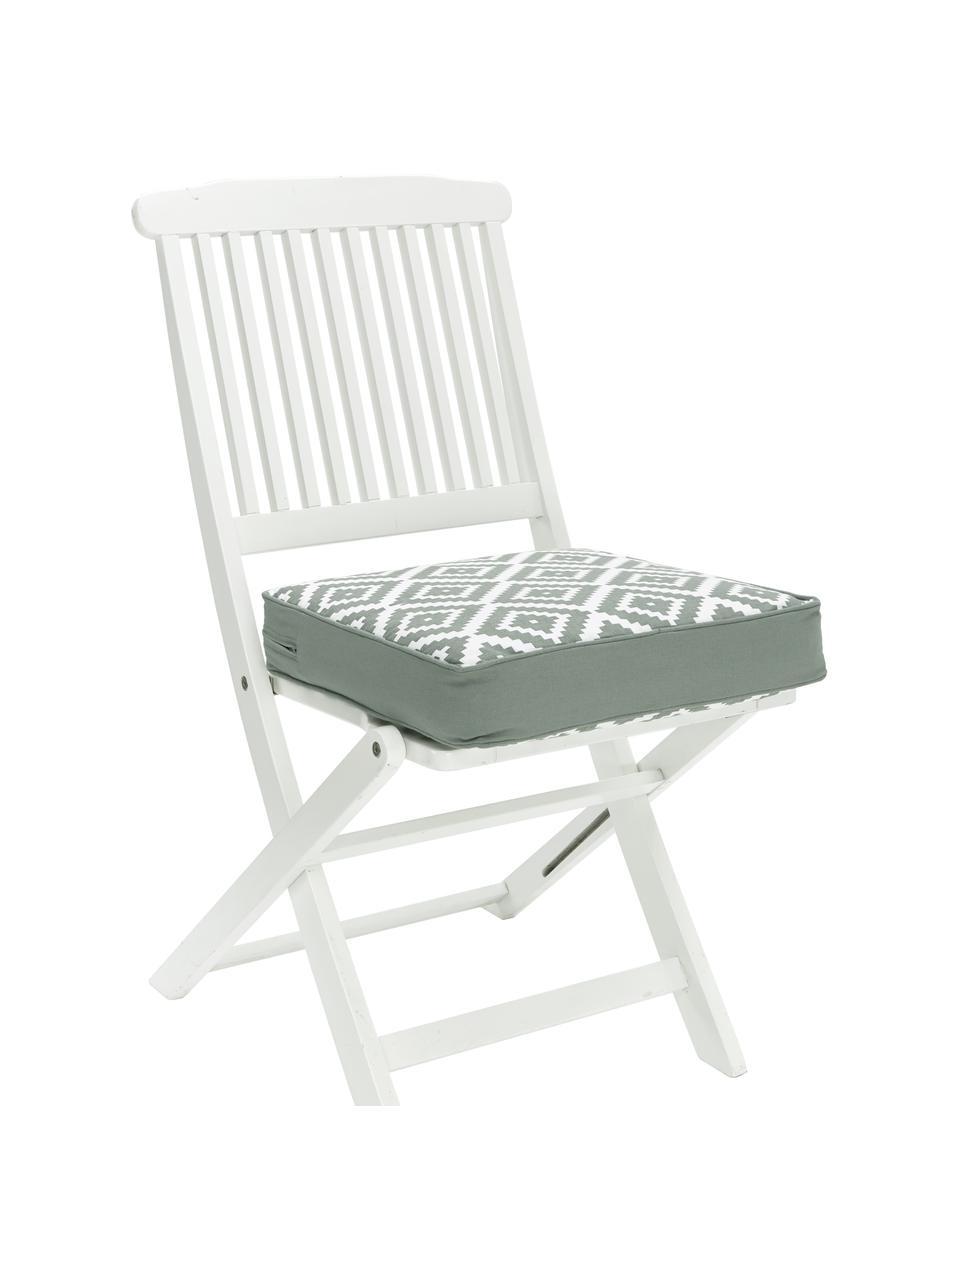 Hohes Sitzkissen Miami in Salbeigrün/Weiß, Bezug: 100% Baumwolle, Grün, 40 x 40 cm